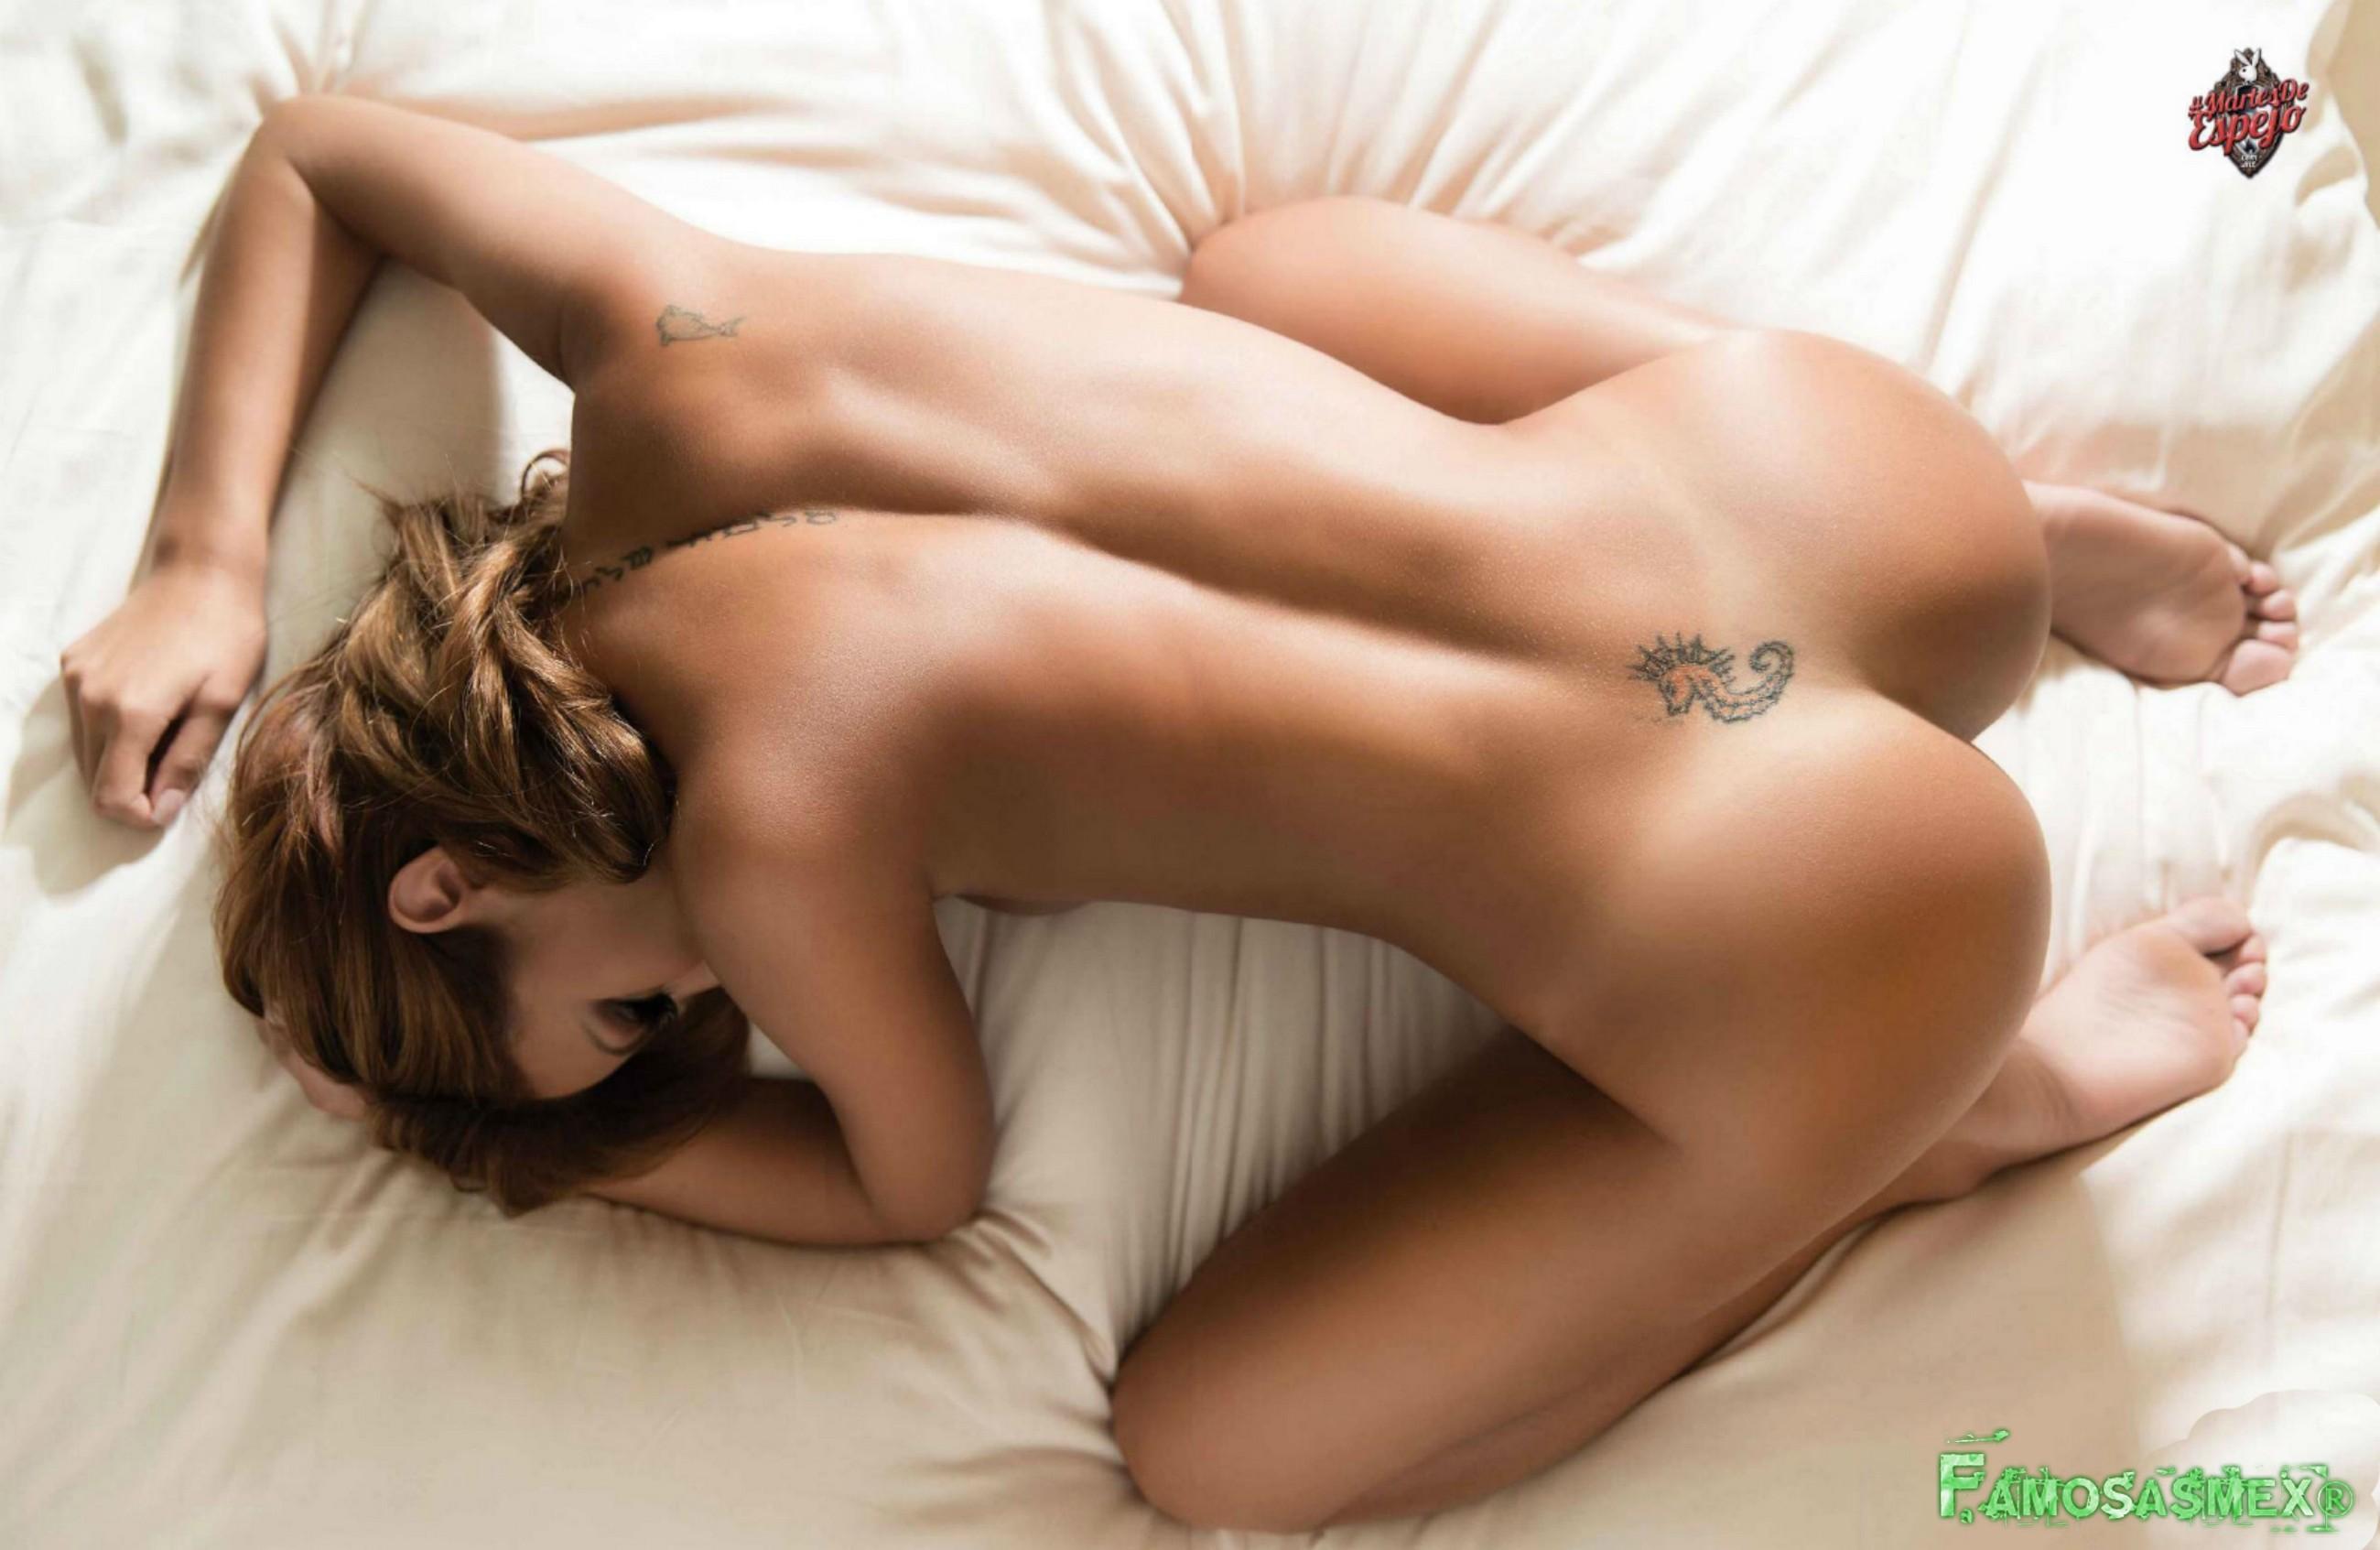 giselle blondet naked